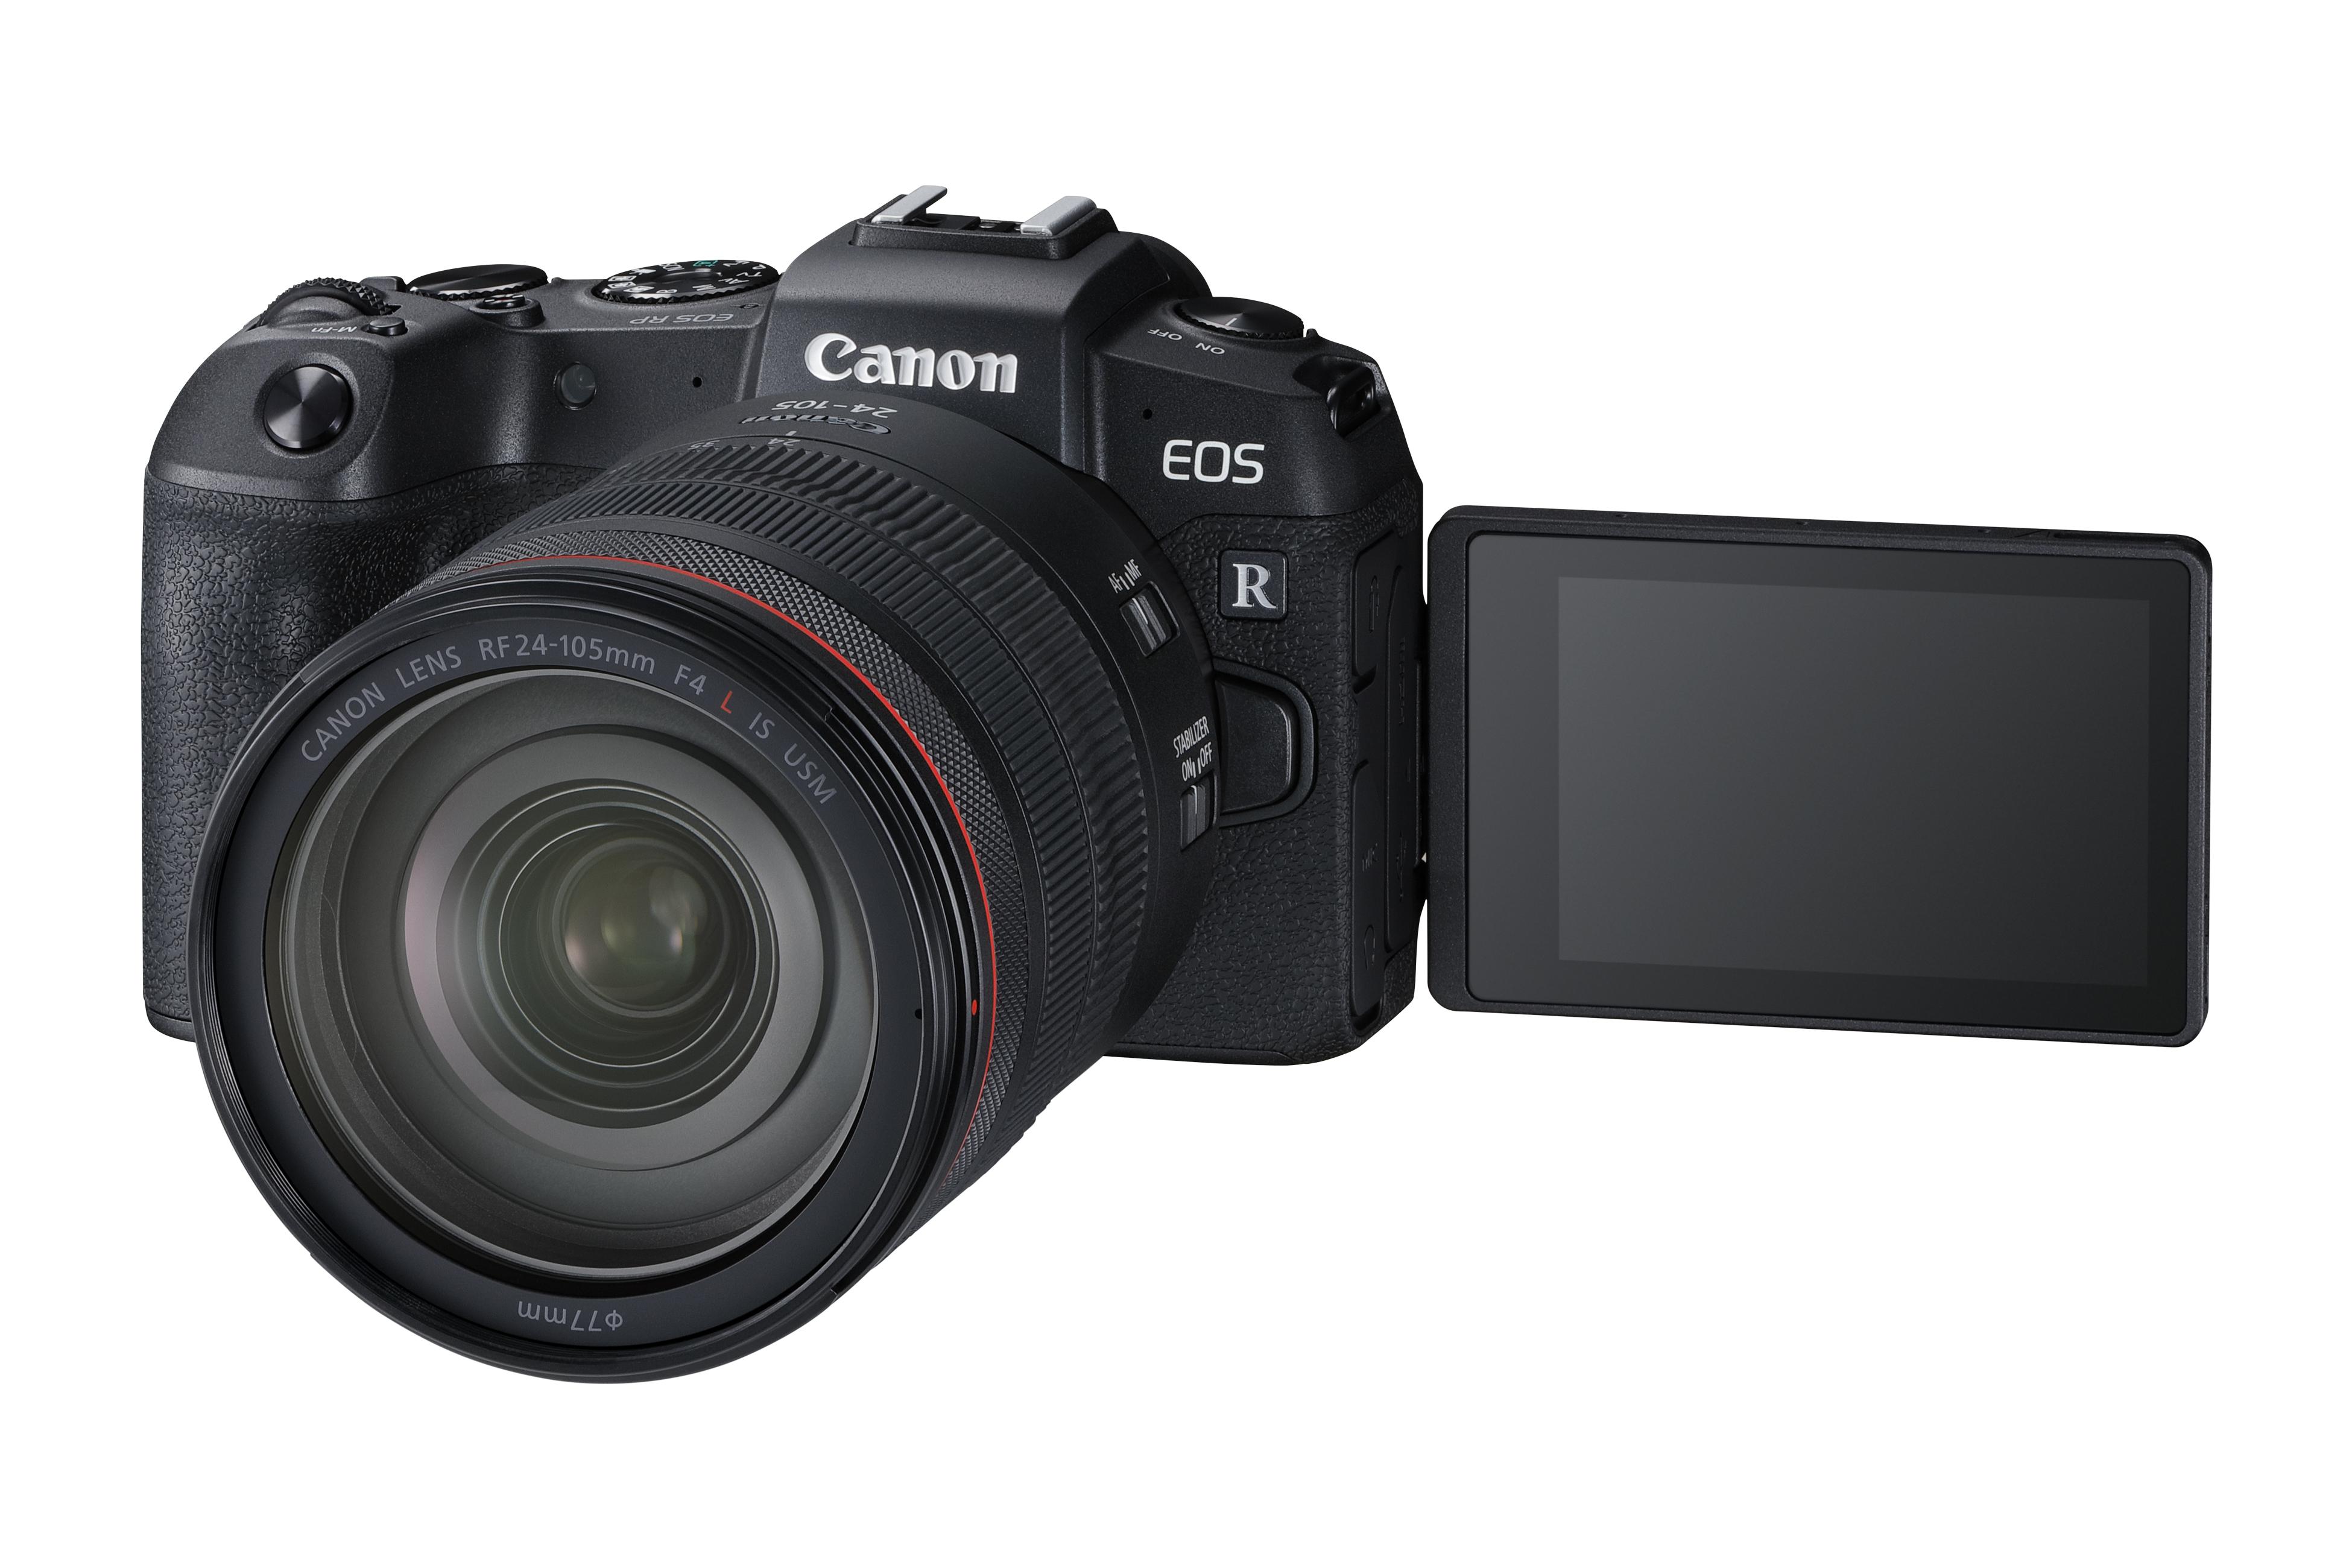 Canon ra mắt máy ảnh không gương lật EOS RP mới và máy in PIXMA TS707